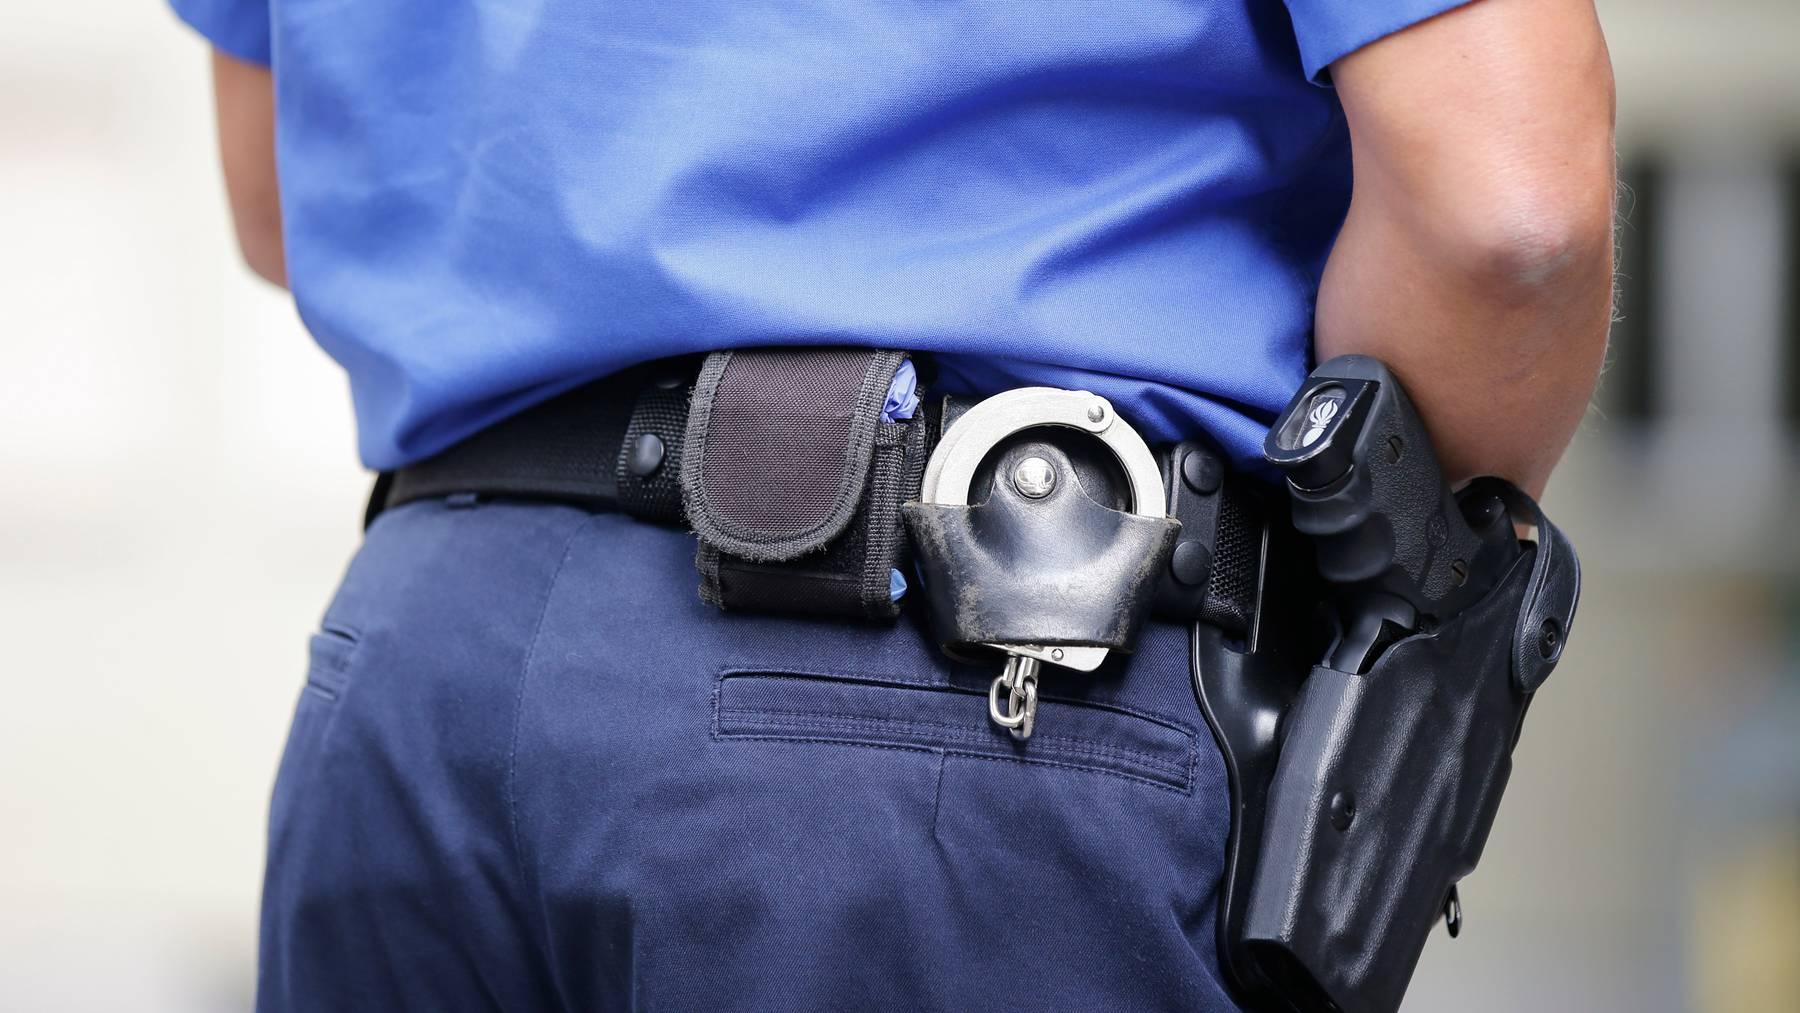 Eine Polizeipatrouille ist laut eigenen Angaben in Basel von rund 50 Personen verbal und zum Teil körperlich angegriffen worden. (Symbolbild)